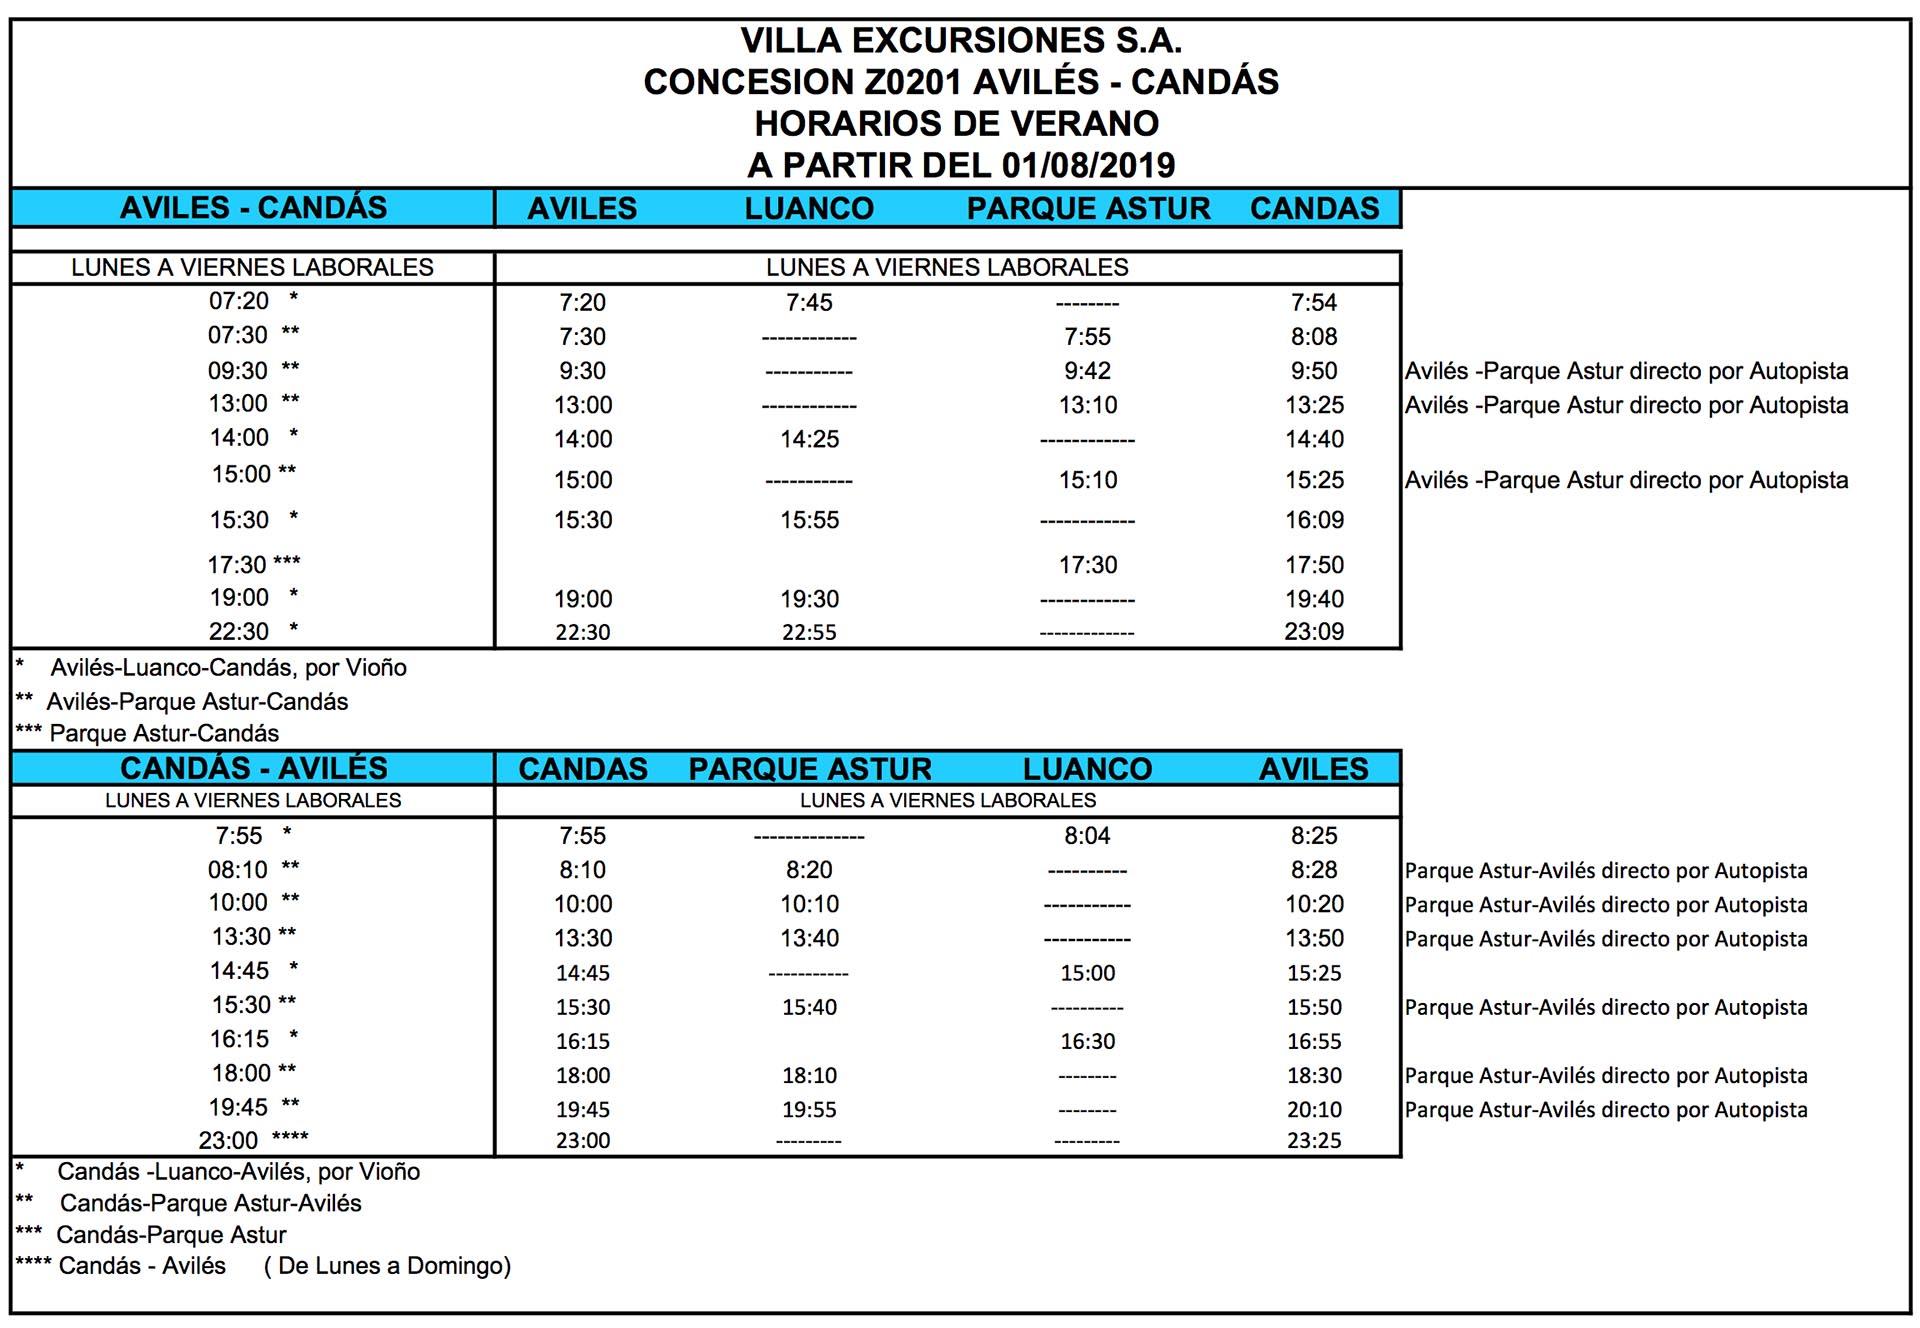 Autos Villa - horarios aviles-candas